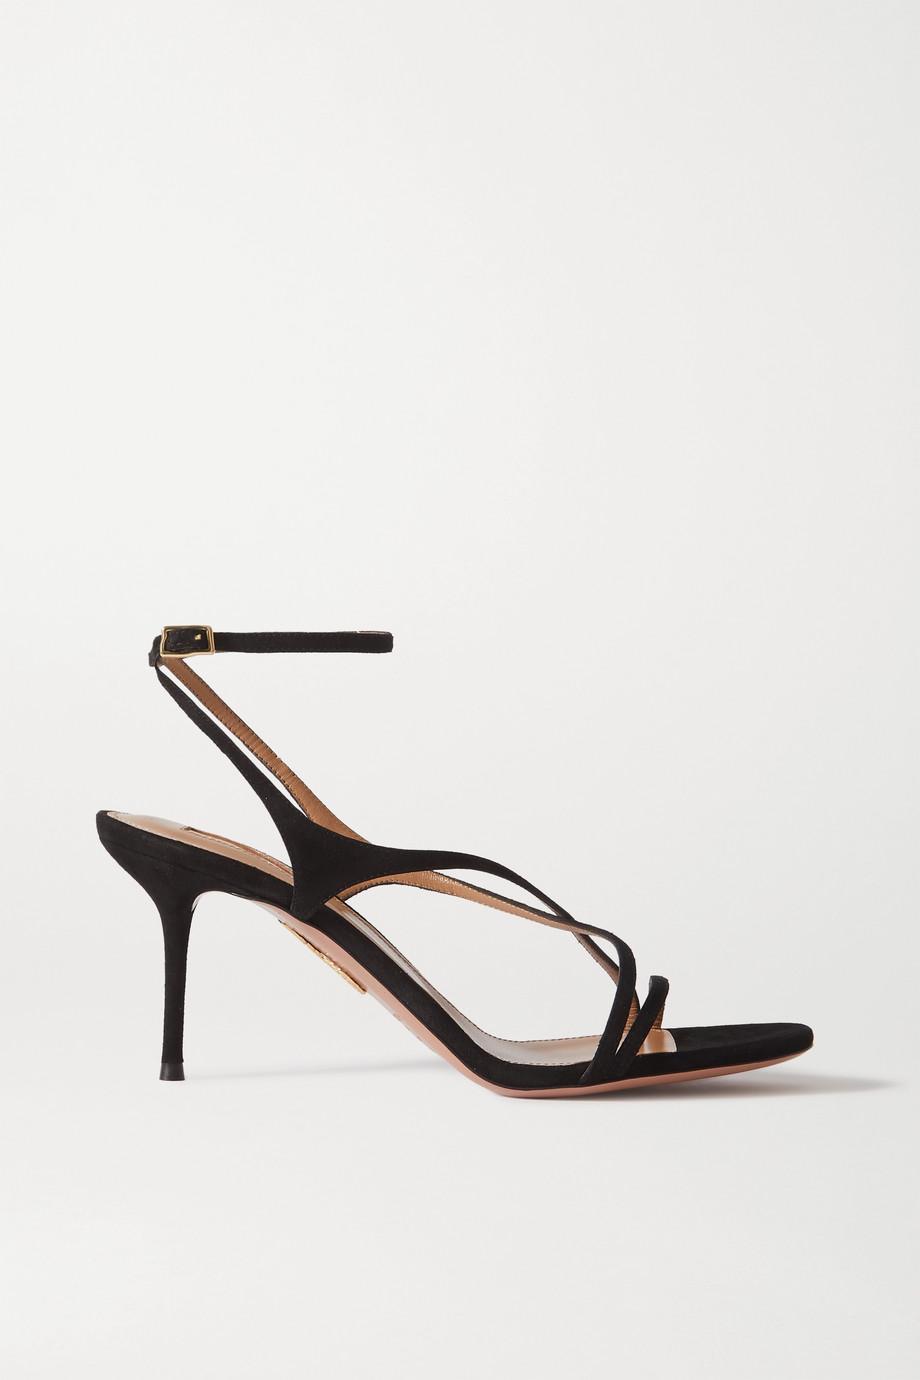 Aquazzura Candie 75 绒面革凉鞋